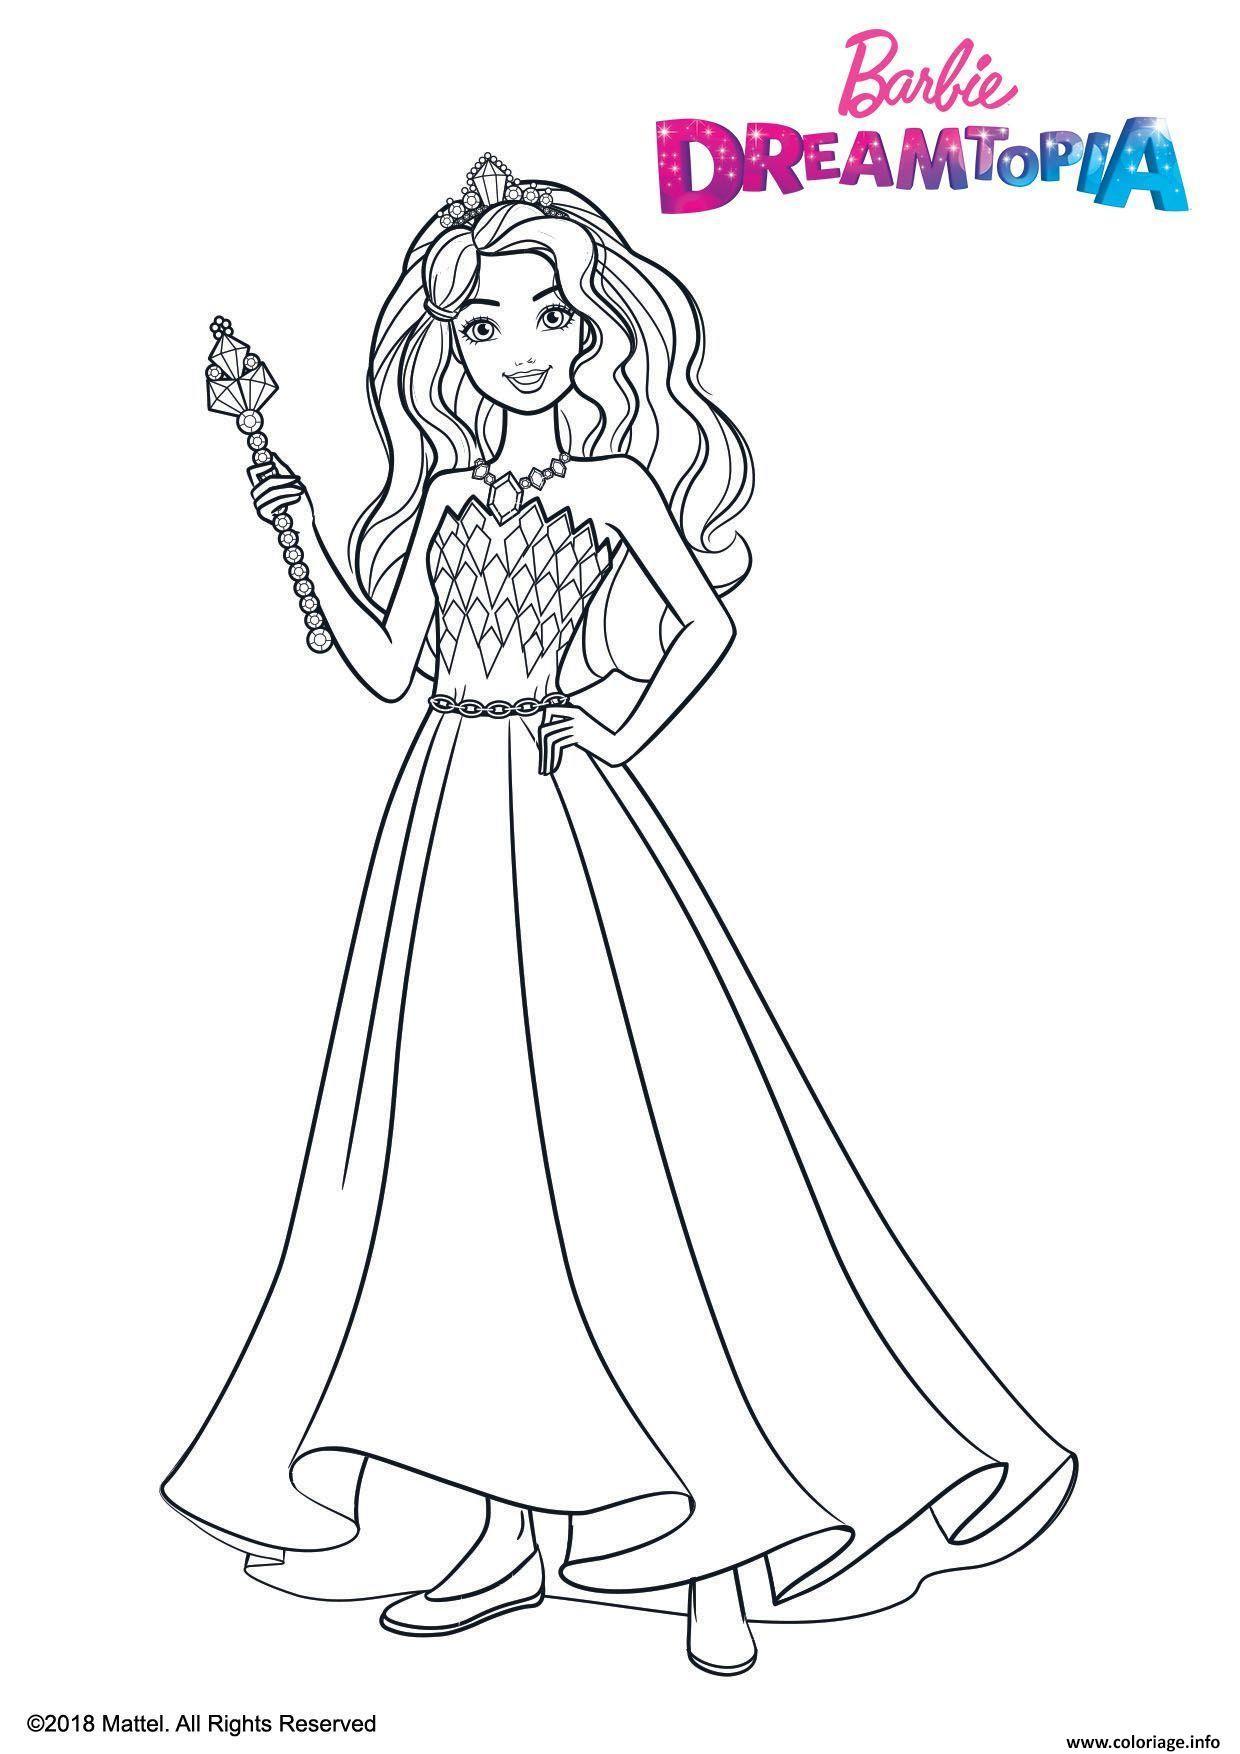 Coloriage Barbie Princesse Fille Dreamtopia Dessin tout Princesse À Colorier Gratuit